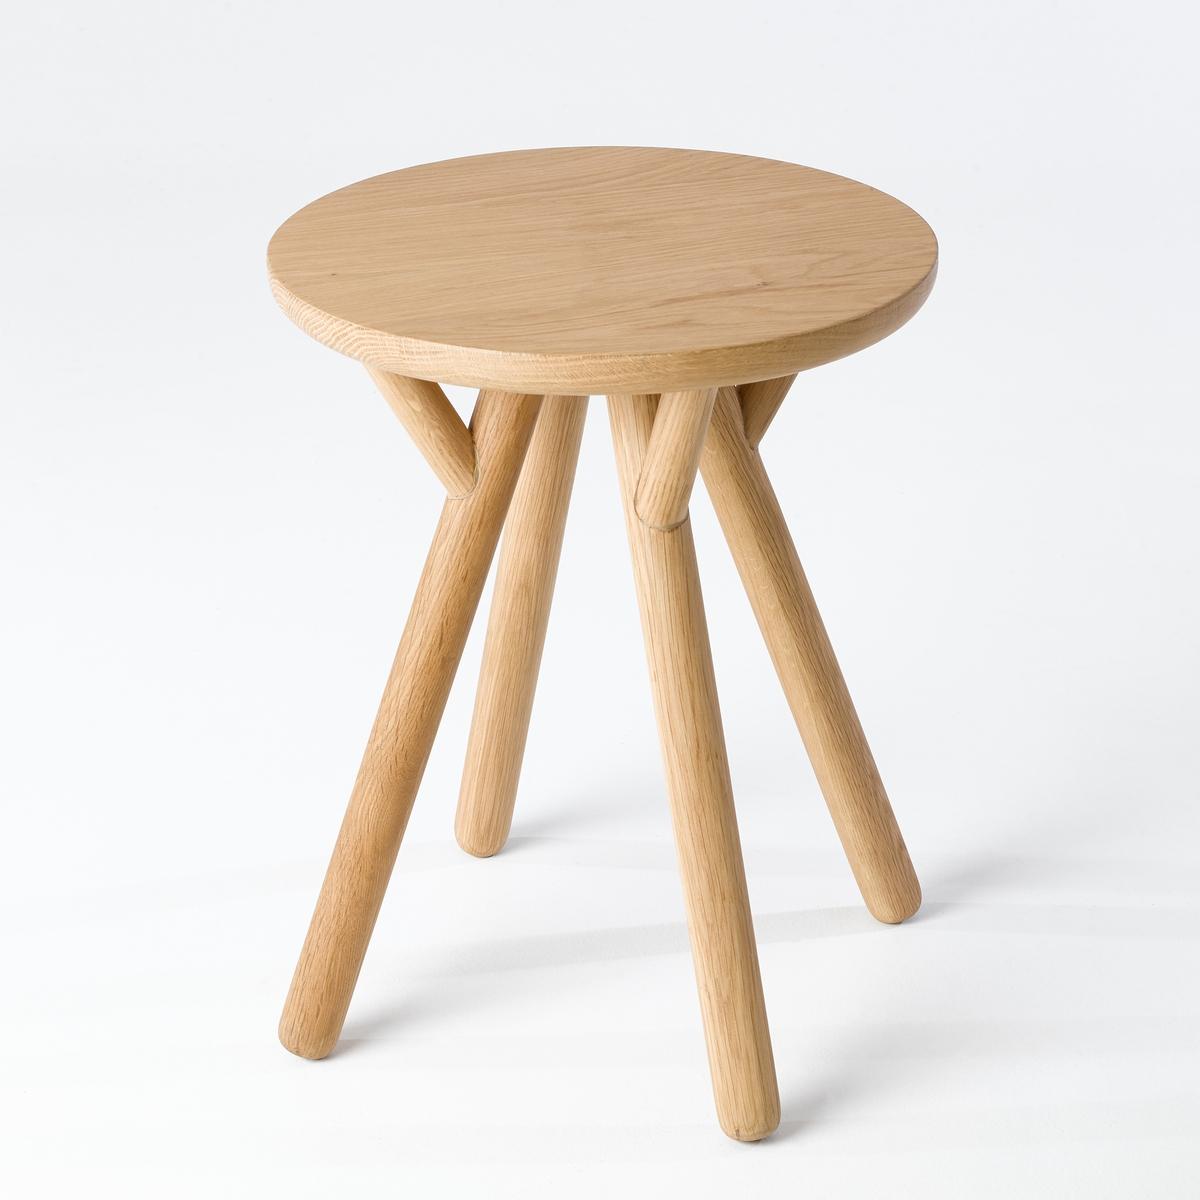 Табурет LaRedoute Прикроватный из массива дуба Scarlatin единый размер каштановый столик laredoute журнальный из дуба покрытого олифой adelita единый размер каштановый